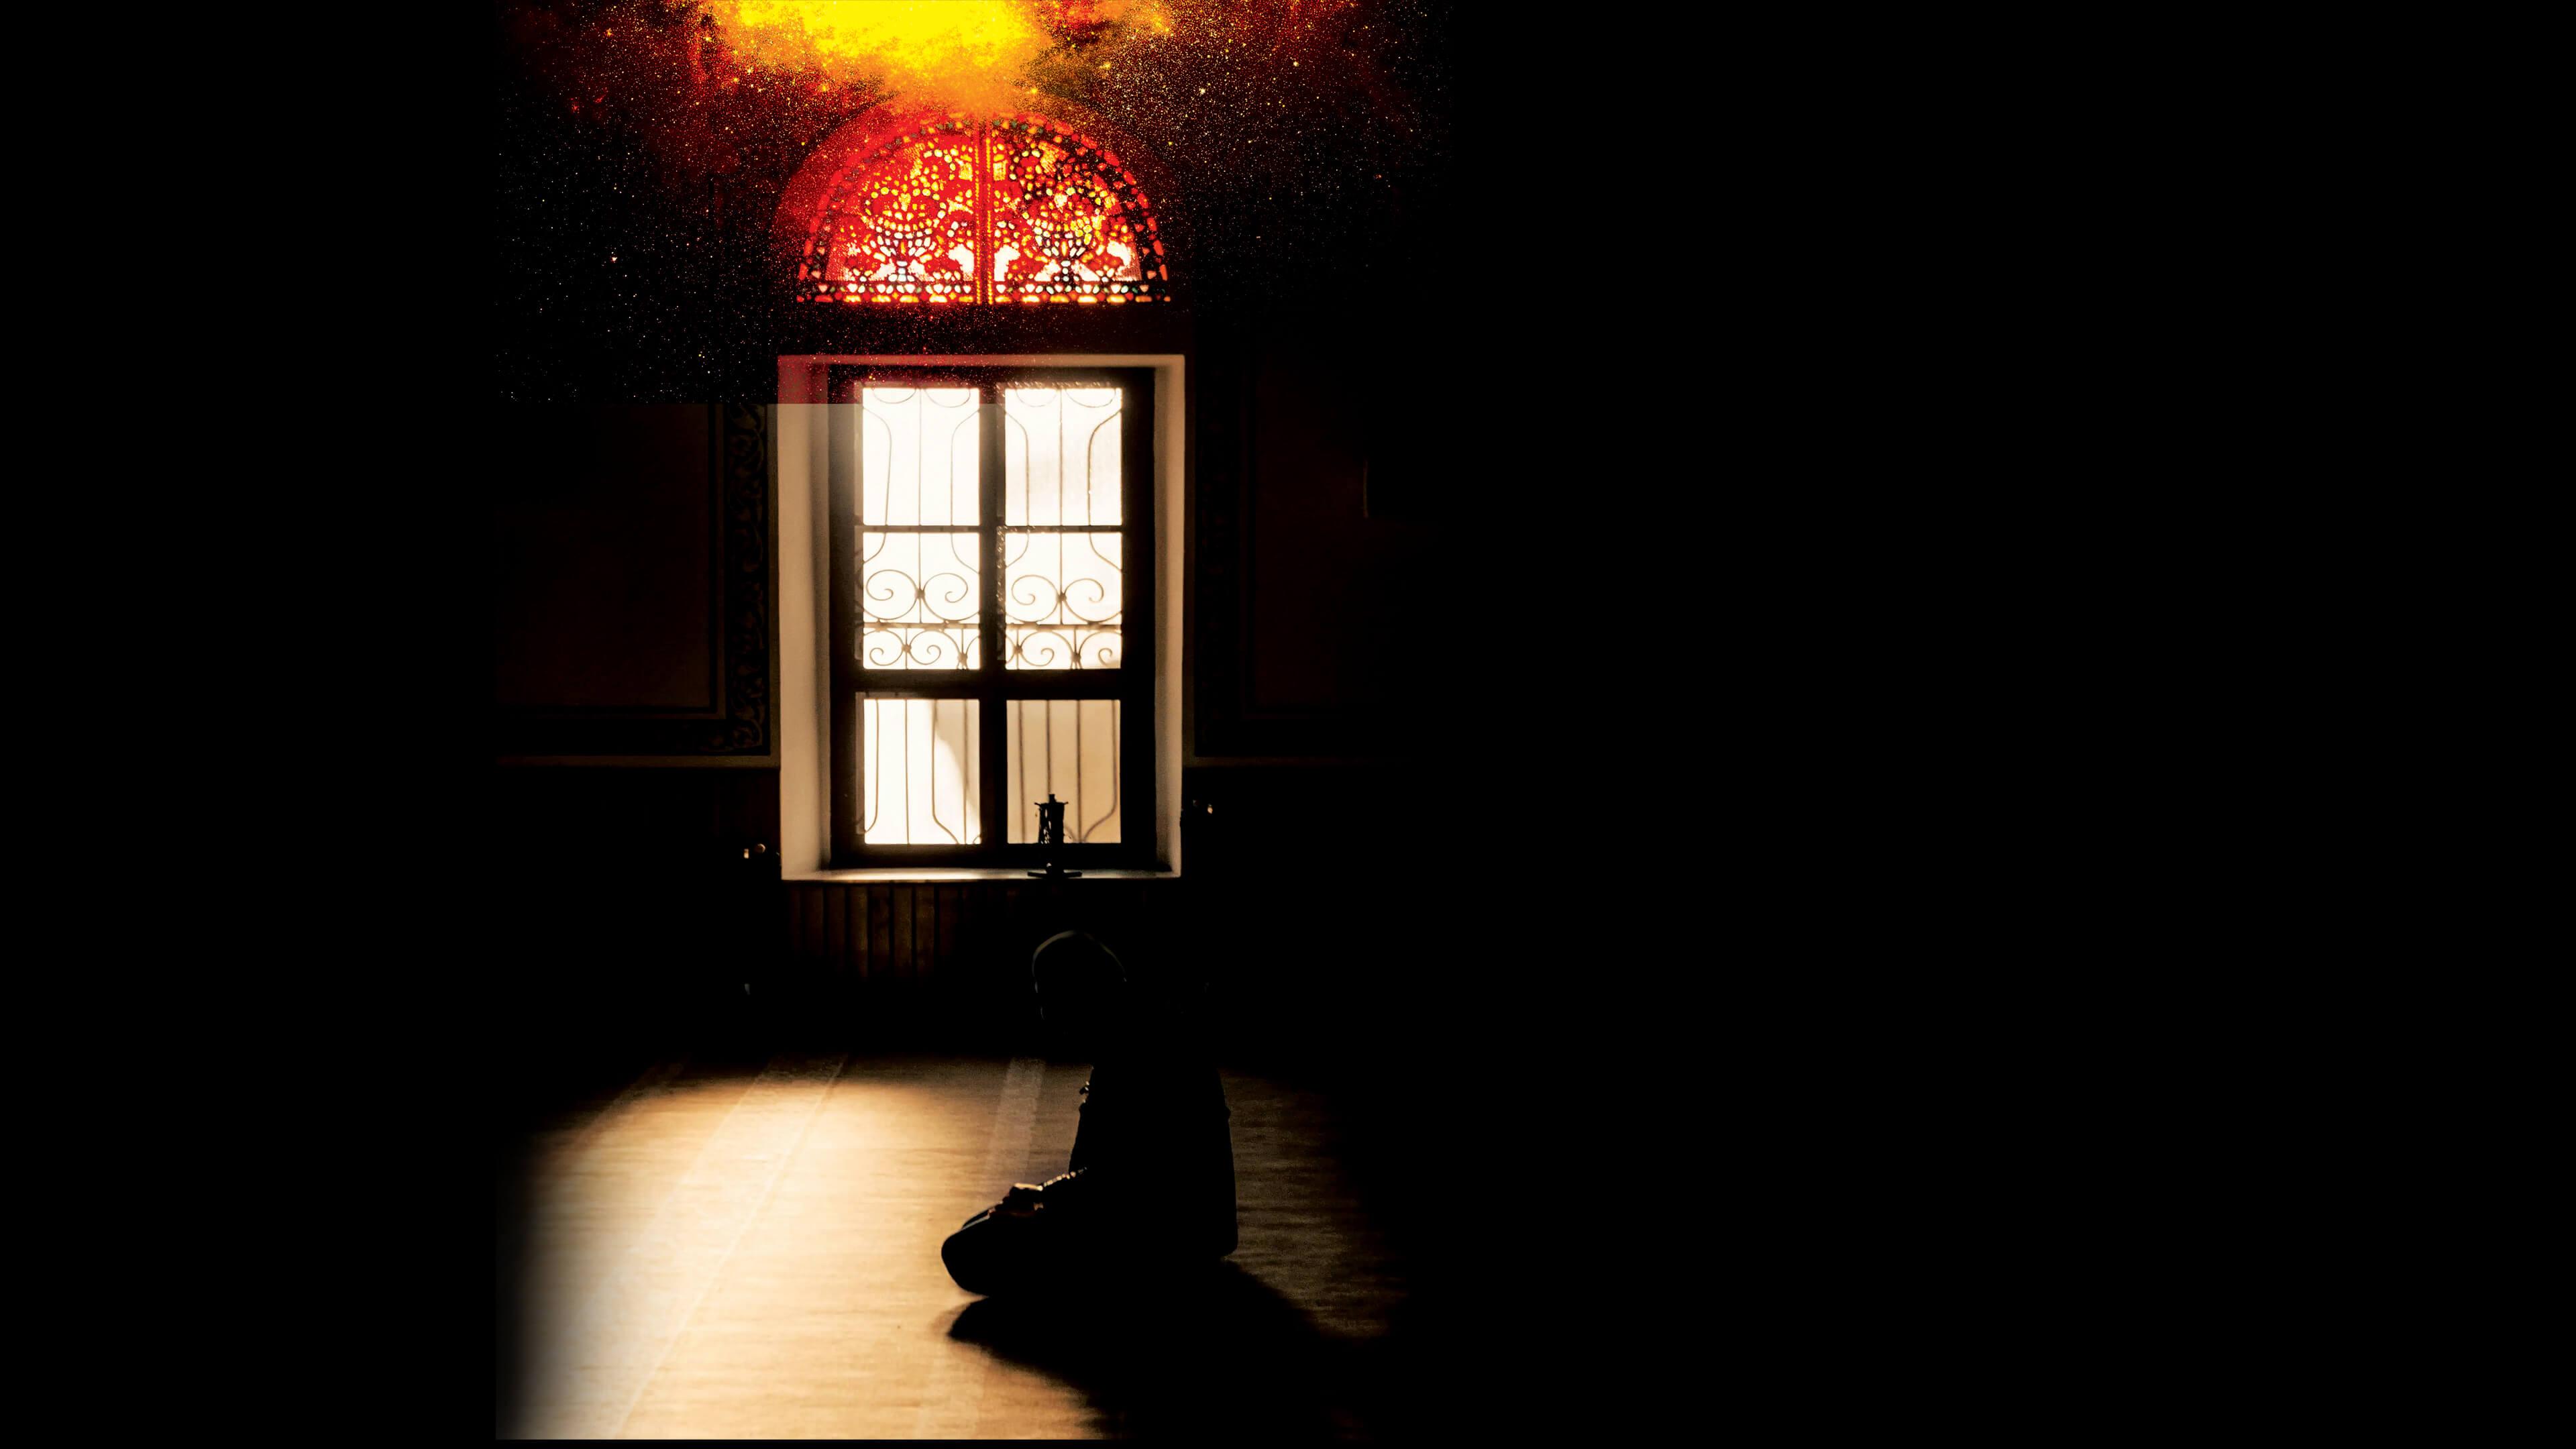 silhouette of Muslim man praying in masjid